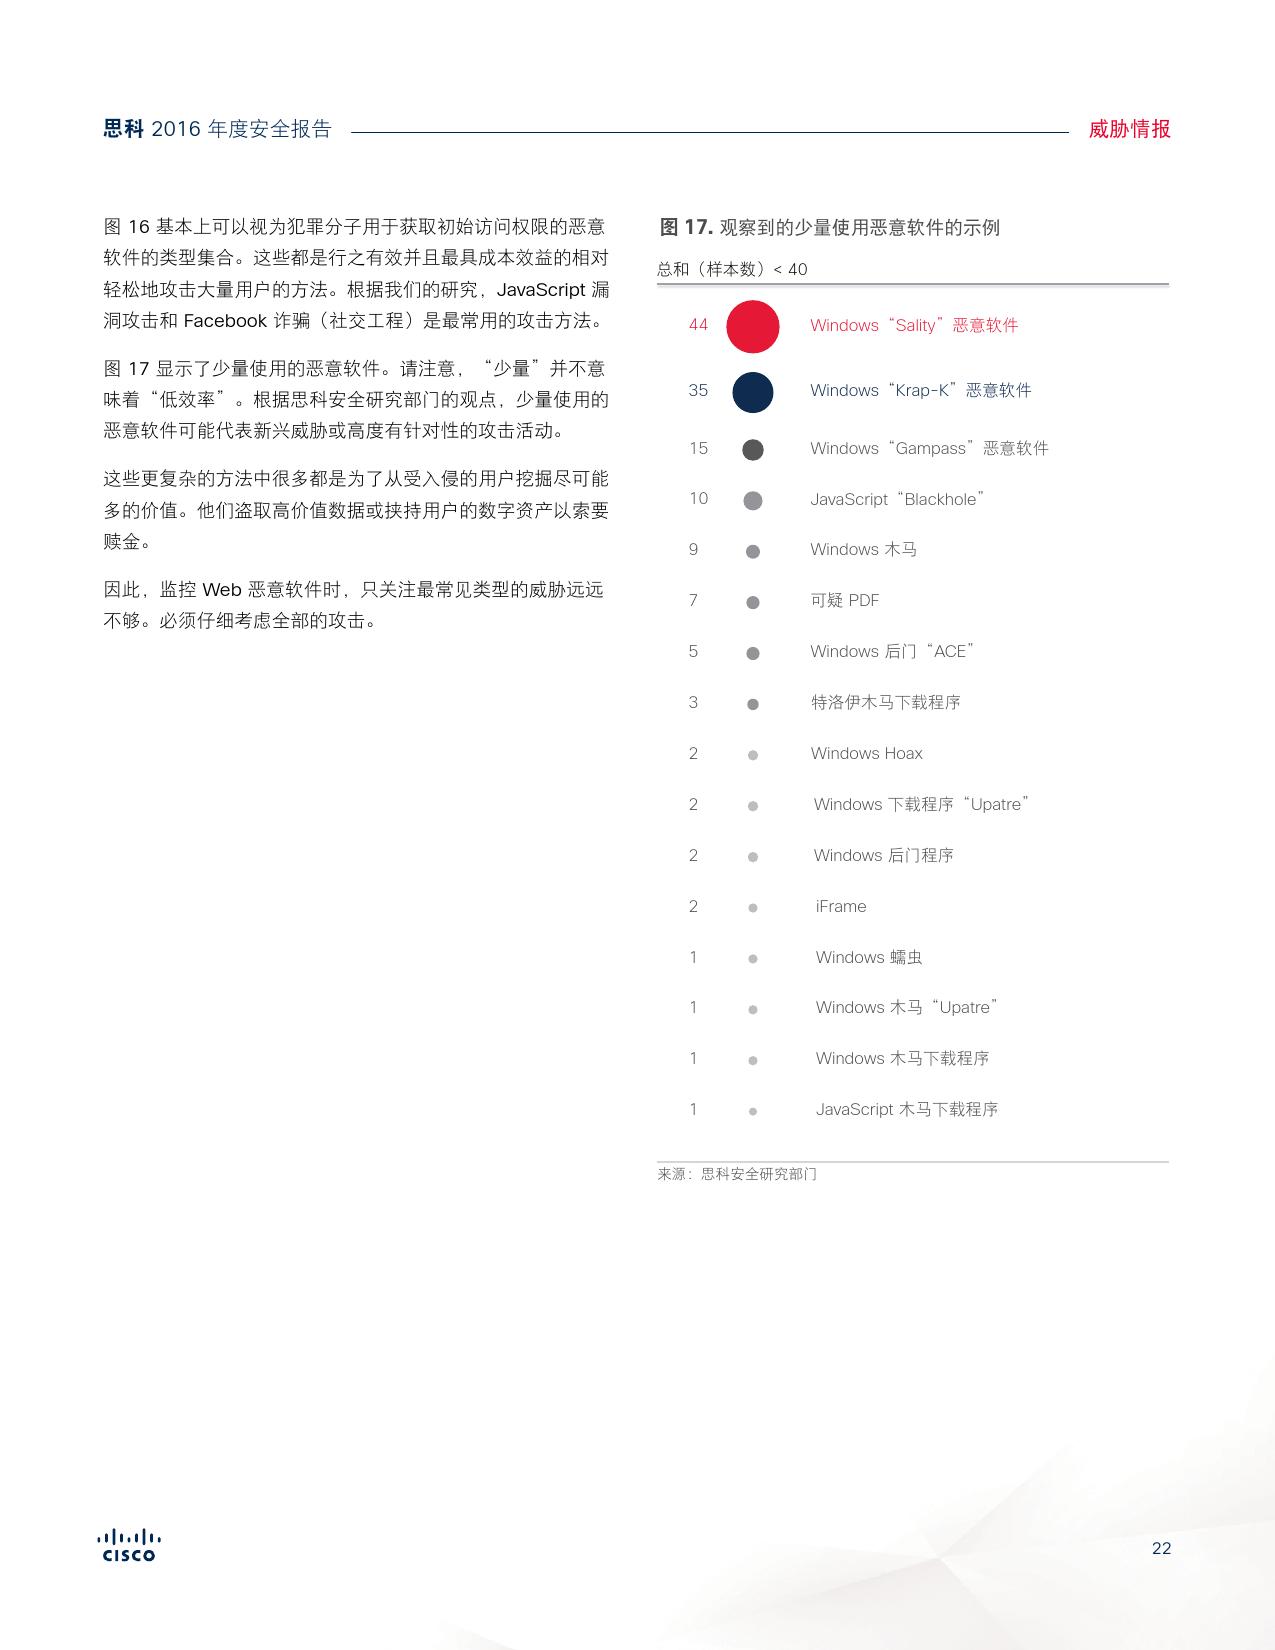 2016年中网络安全报告_000022